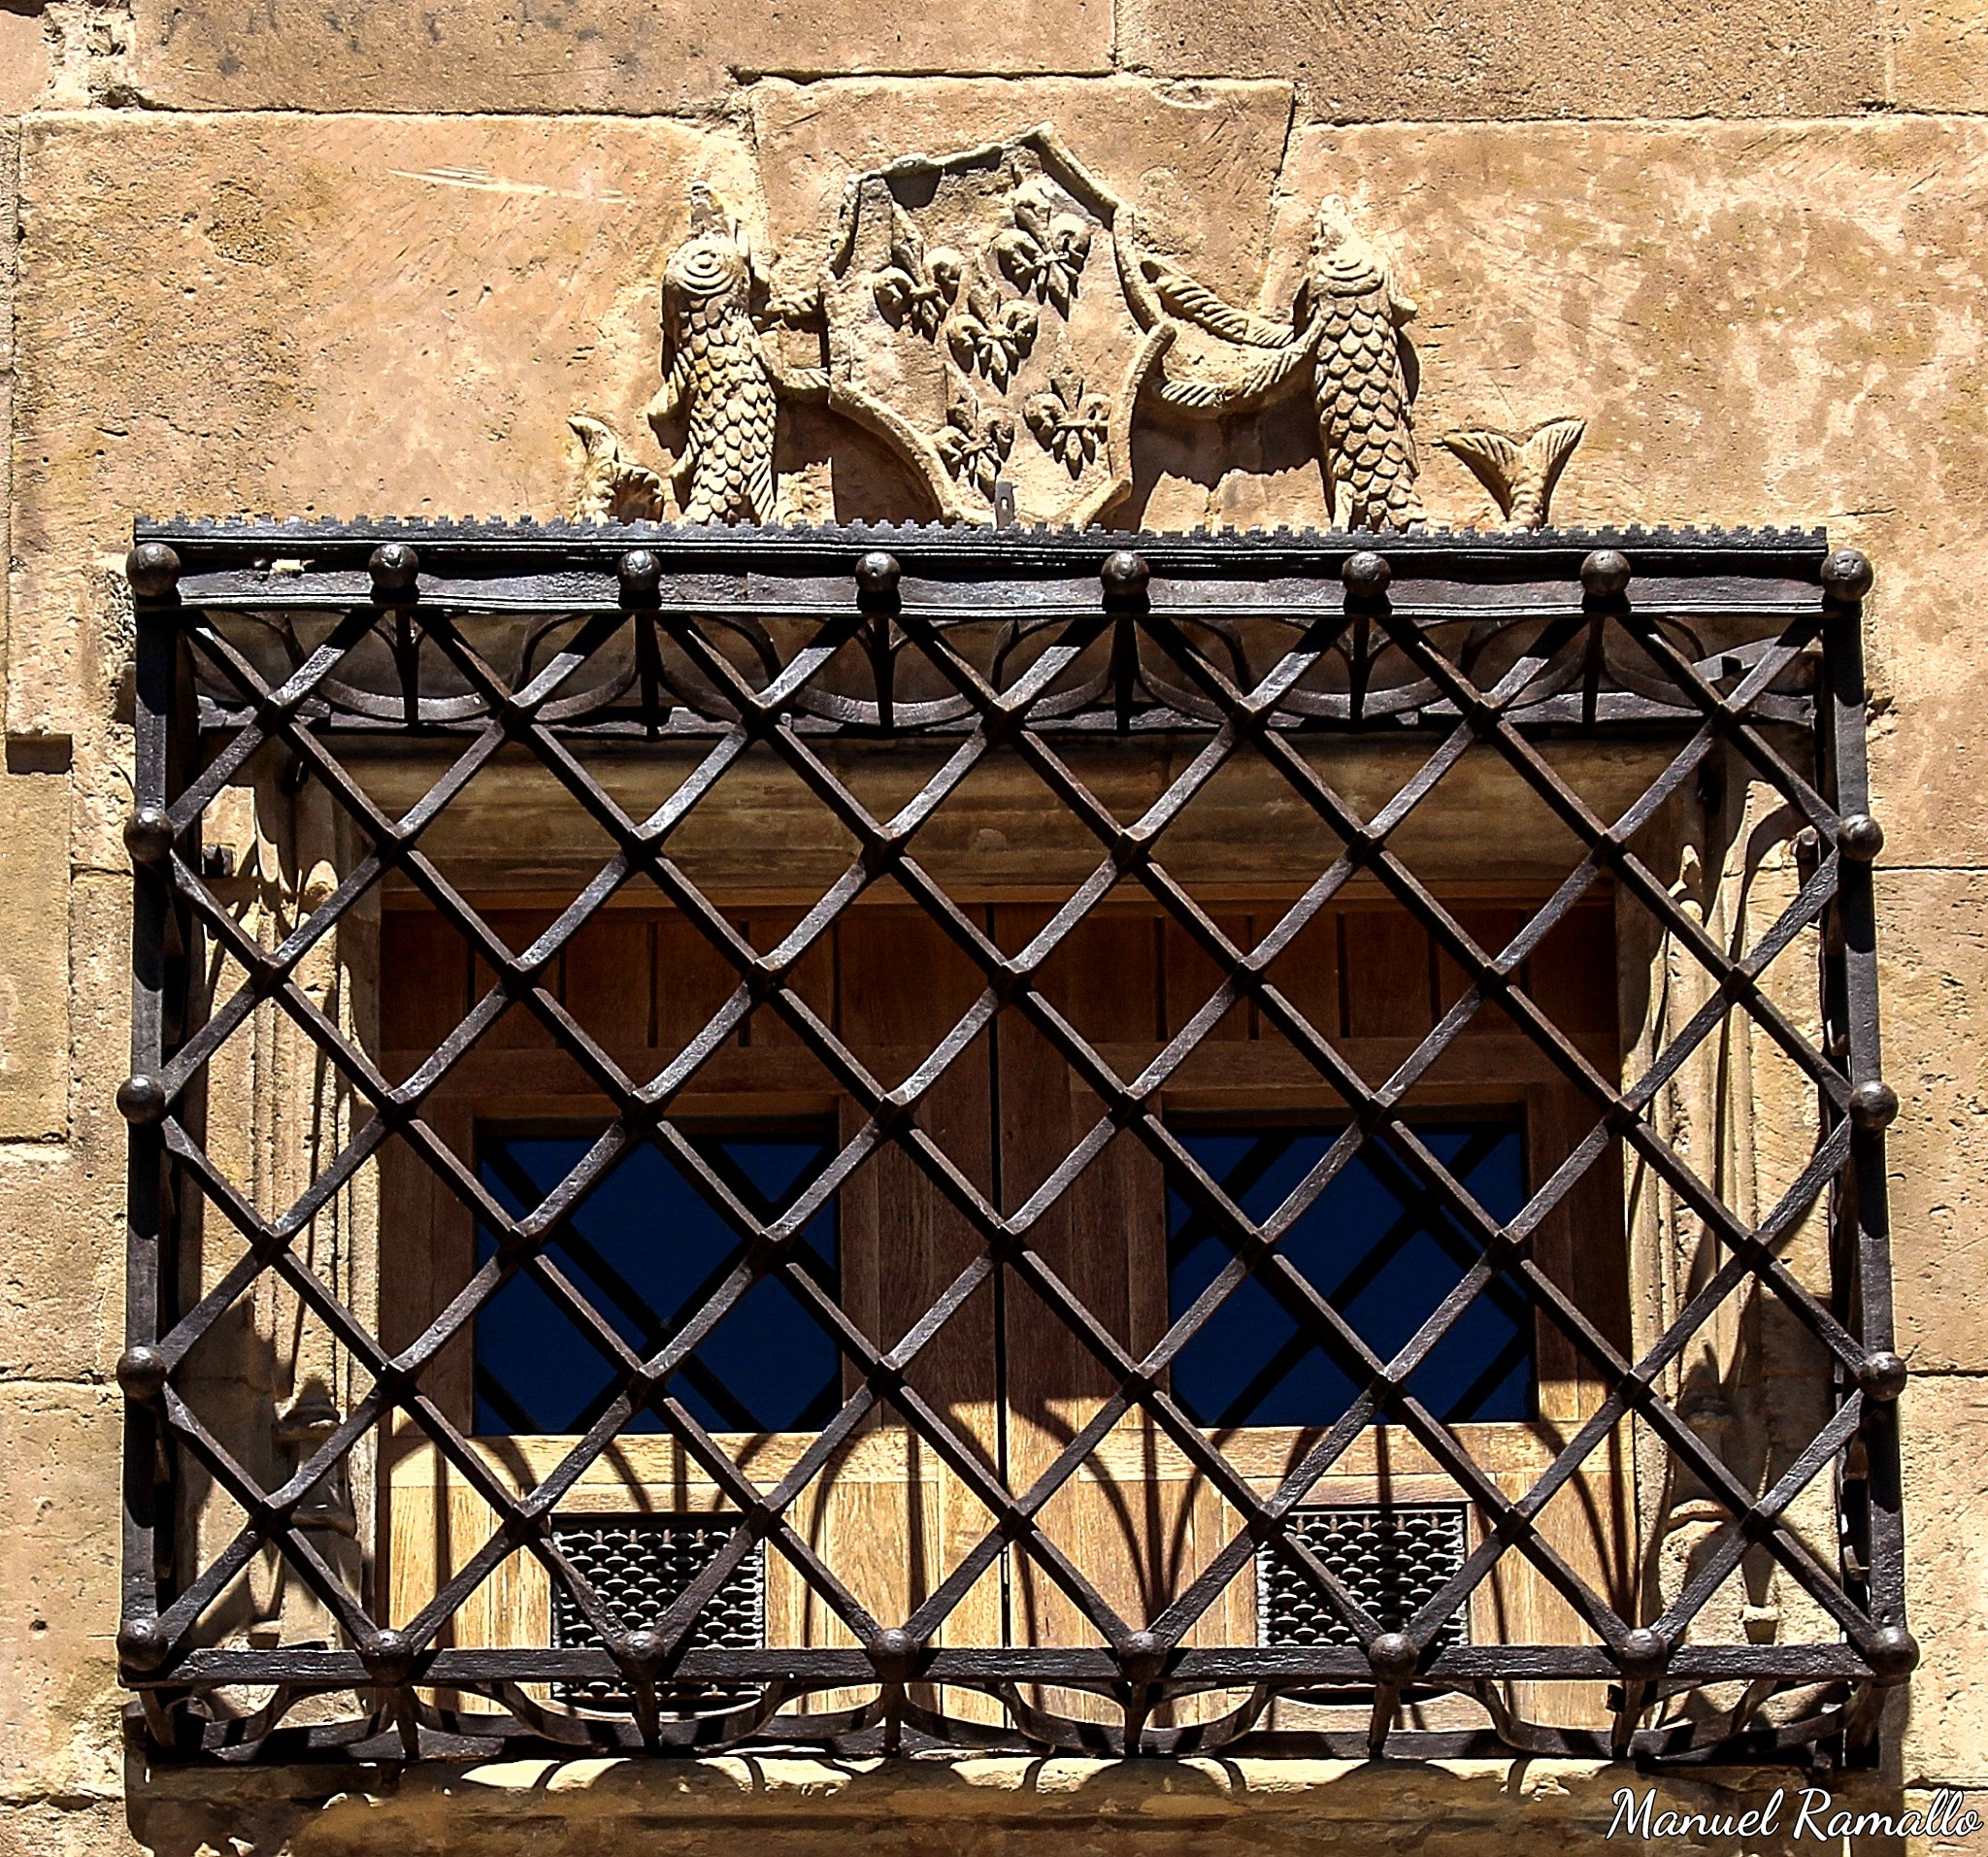 detalle-de-escudo-y-verja-de-ventana-de-casa-de-las-conchas-salamanca